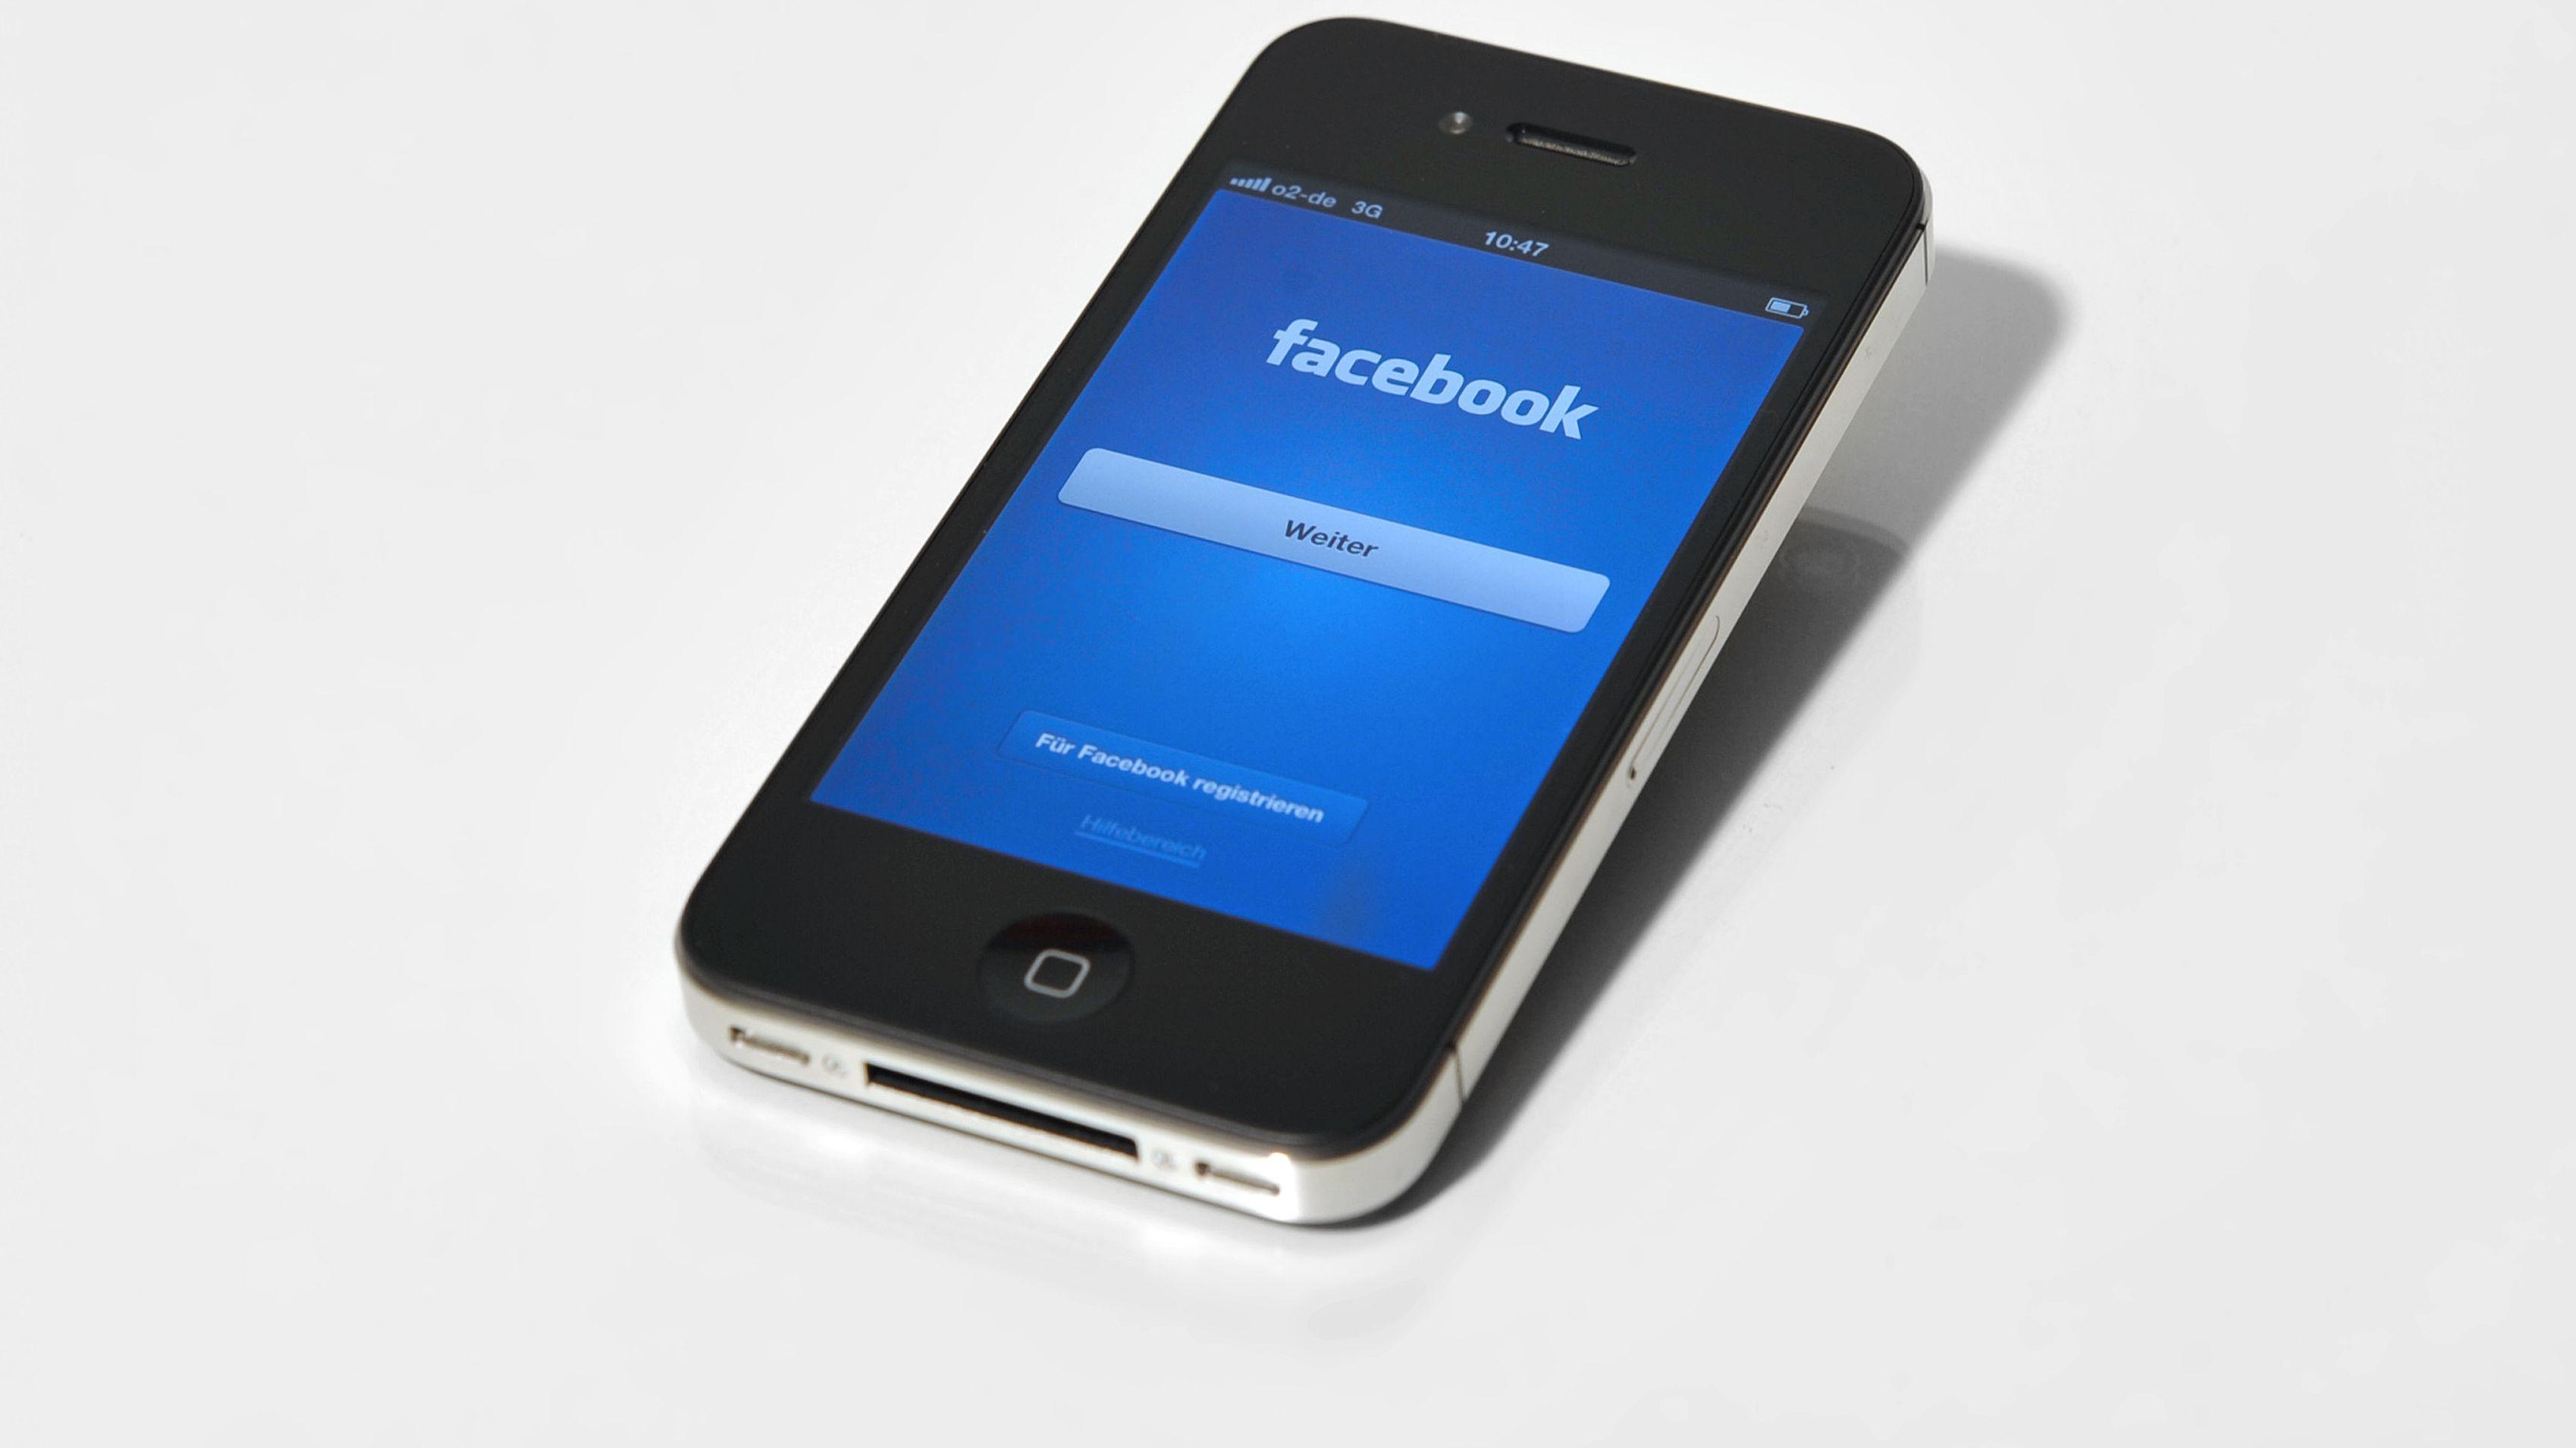 Smartphone mit Facebook-Seite auf dem Display